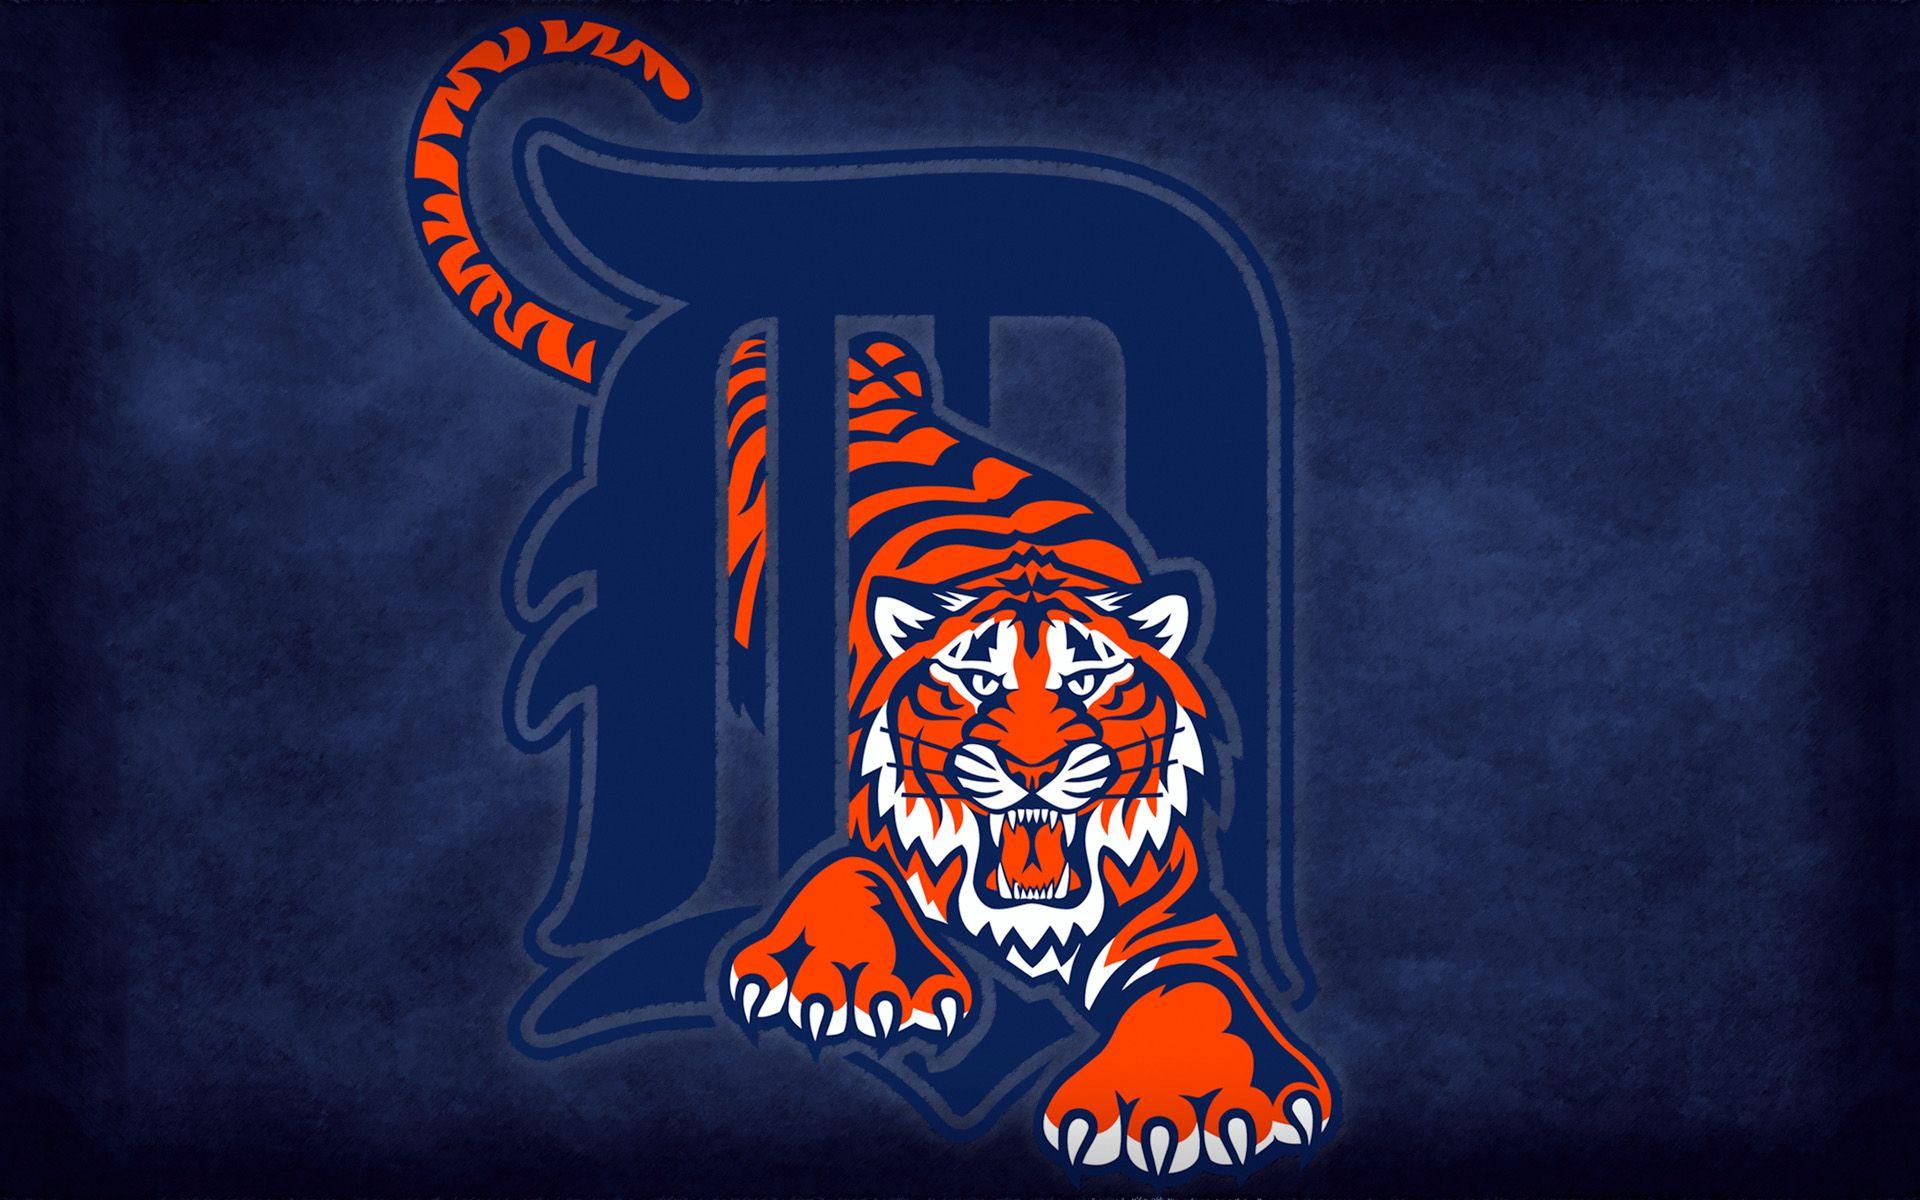 Los Detroit Tigers Son Un Equipo De Las Grandes Ligas De Beisbol Juegan En La Division Central De La Li Detroit Tigers Tiger Wallpaper Detroit Tigers Baseball